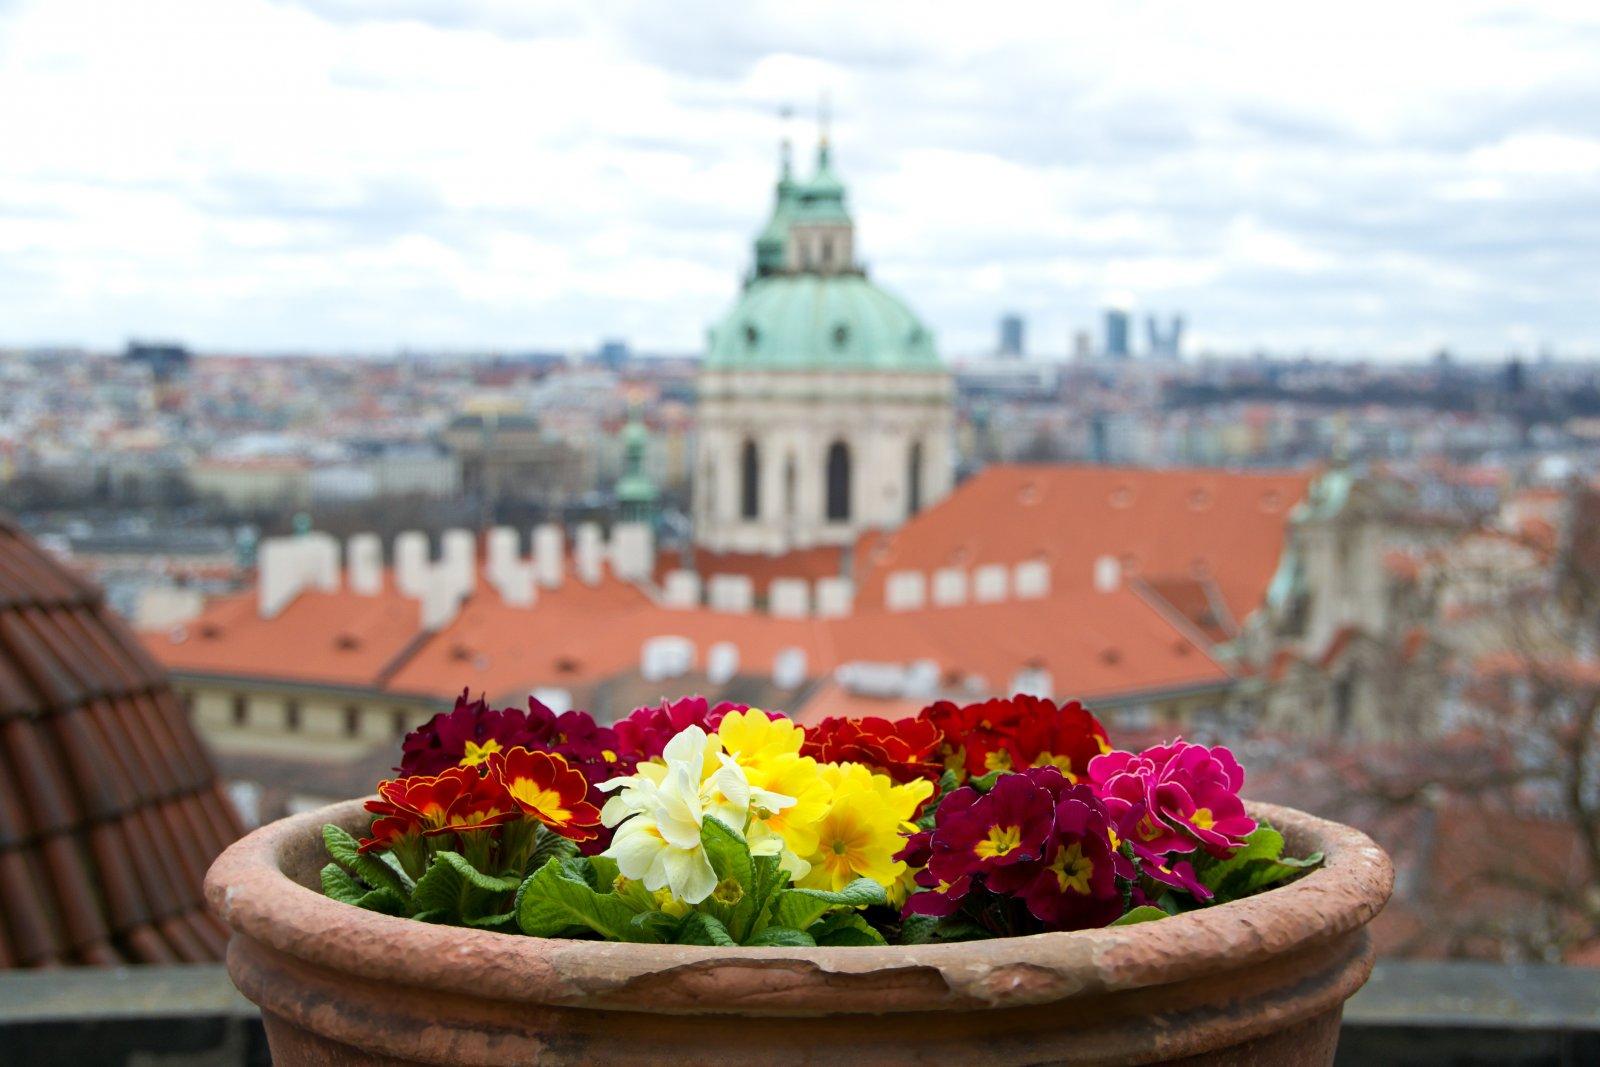 Экскурсия по Пражскому Граду и Малой стороне